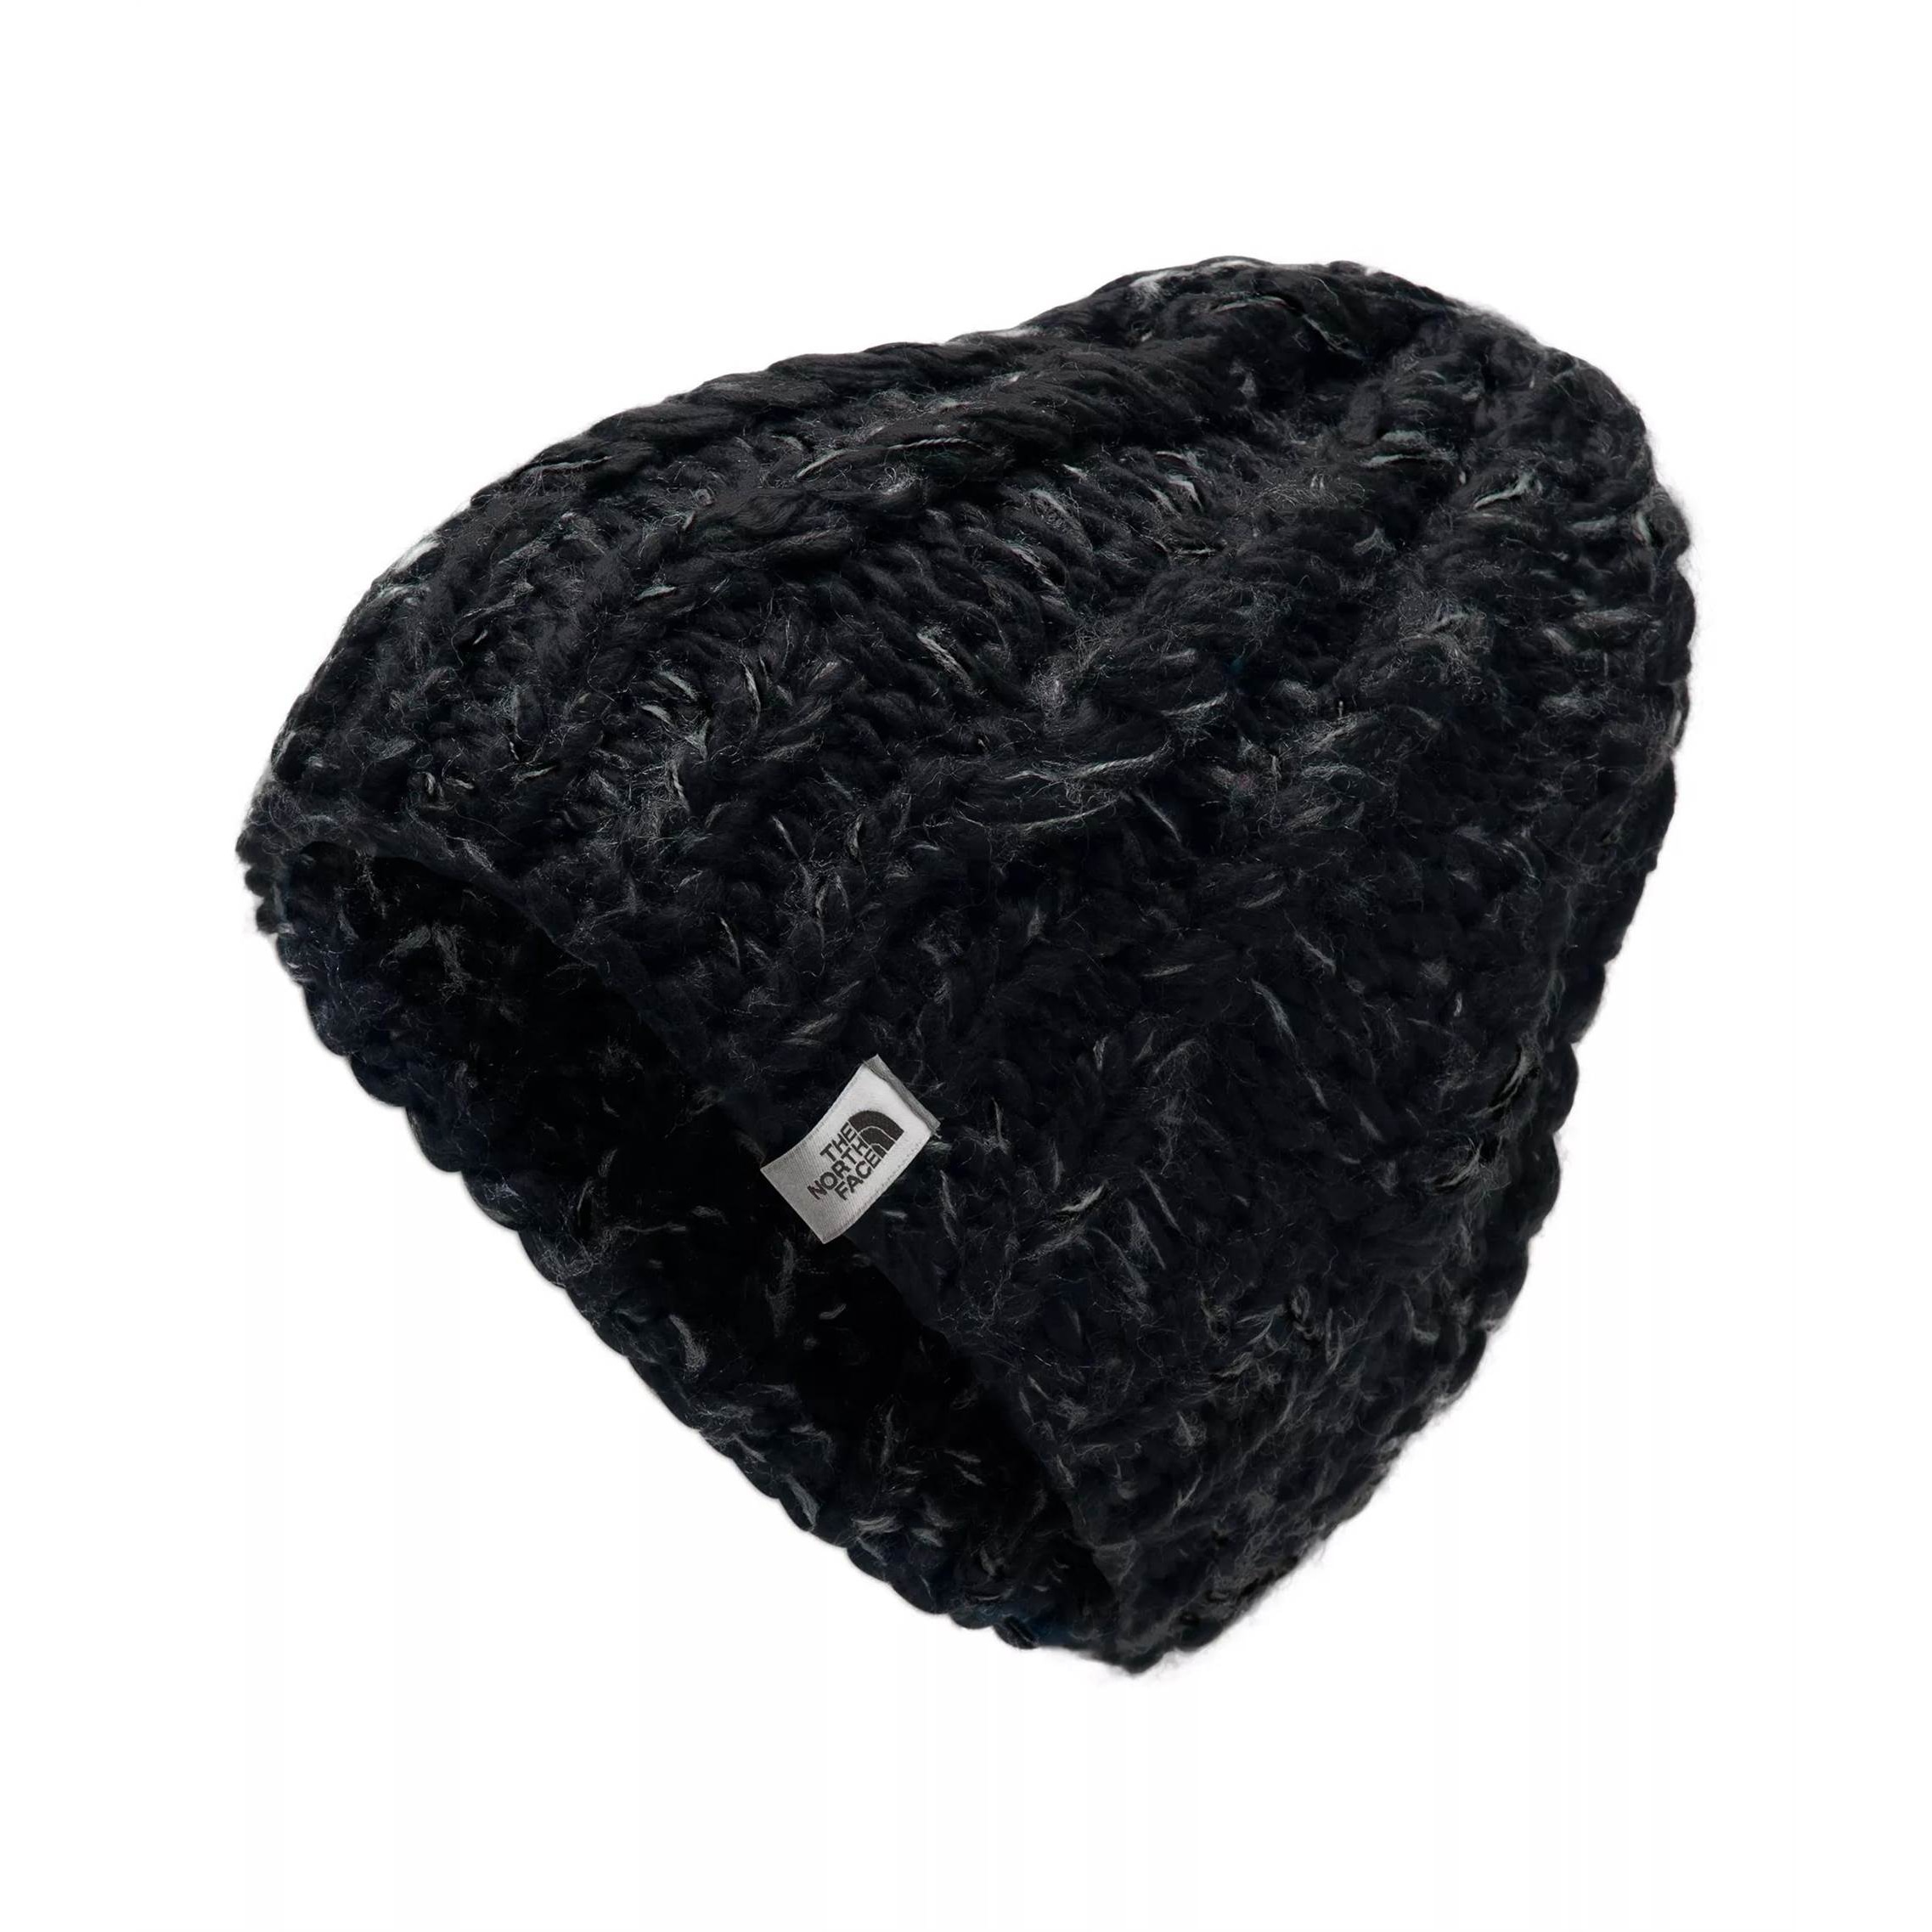 Chunky Knit Beanie - Women's